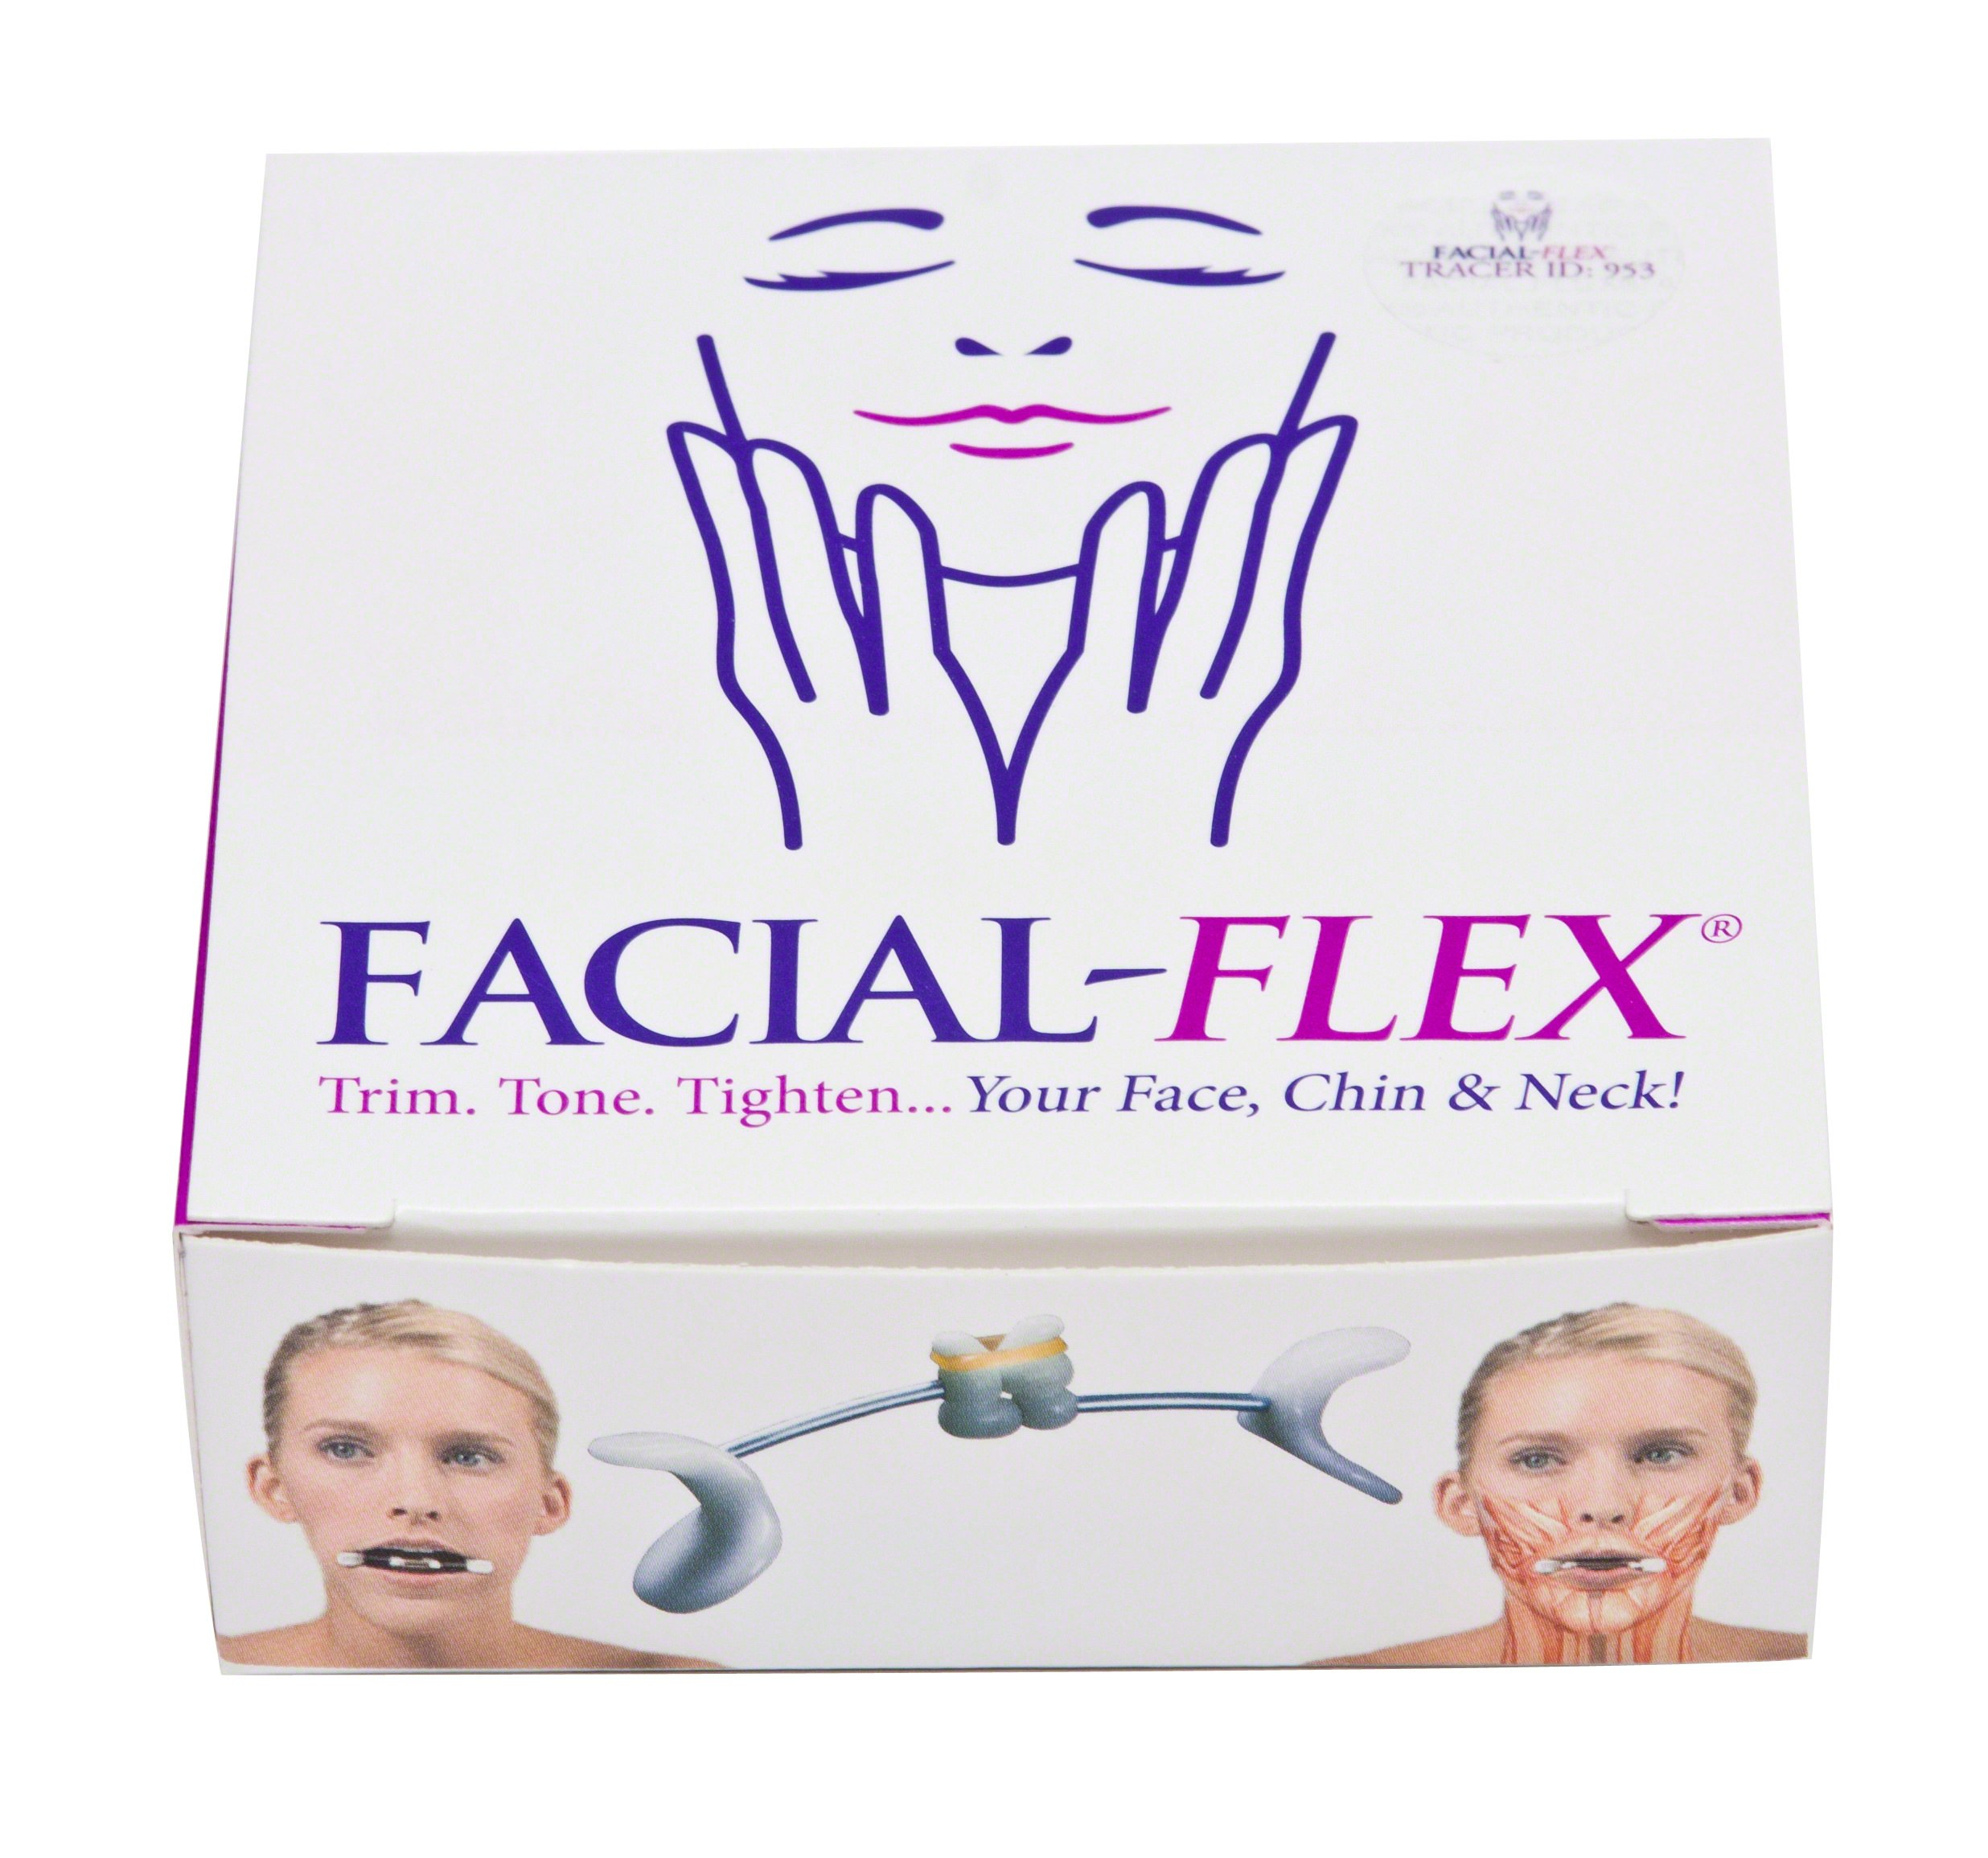 Facial Flex Facial Exercise and Neck Toning Kit Bands 8 oz & 6 oz & Case by Facial-Flex